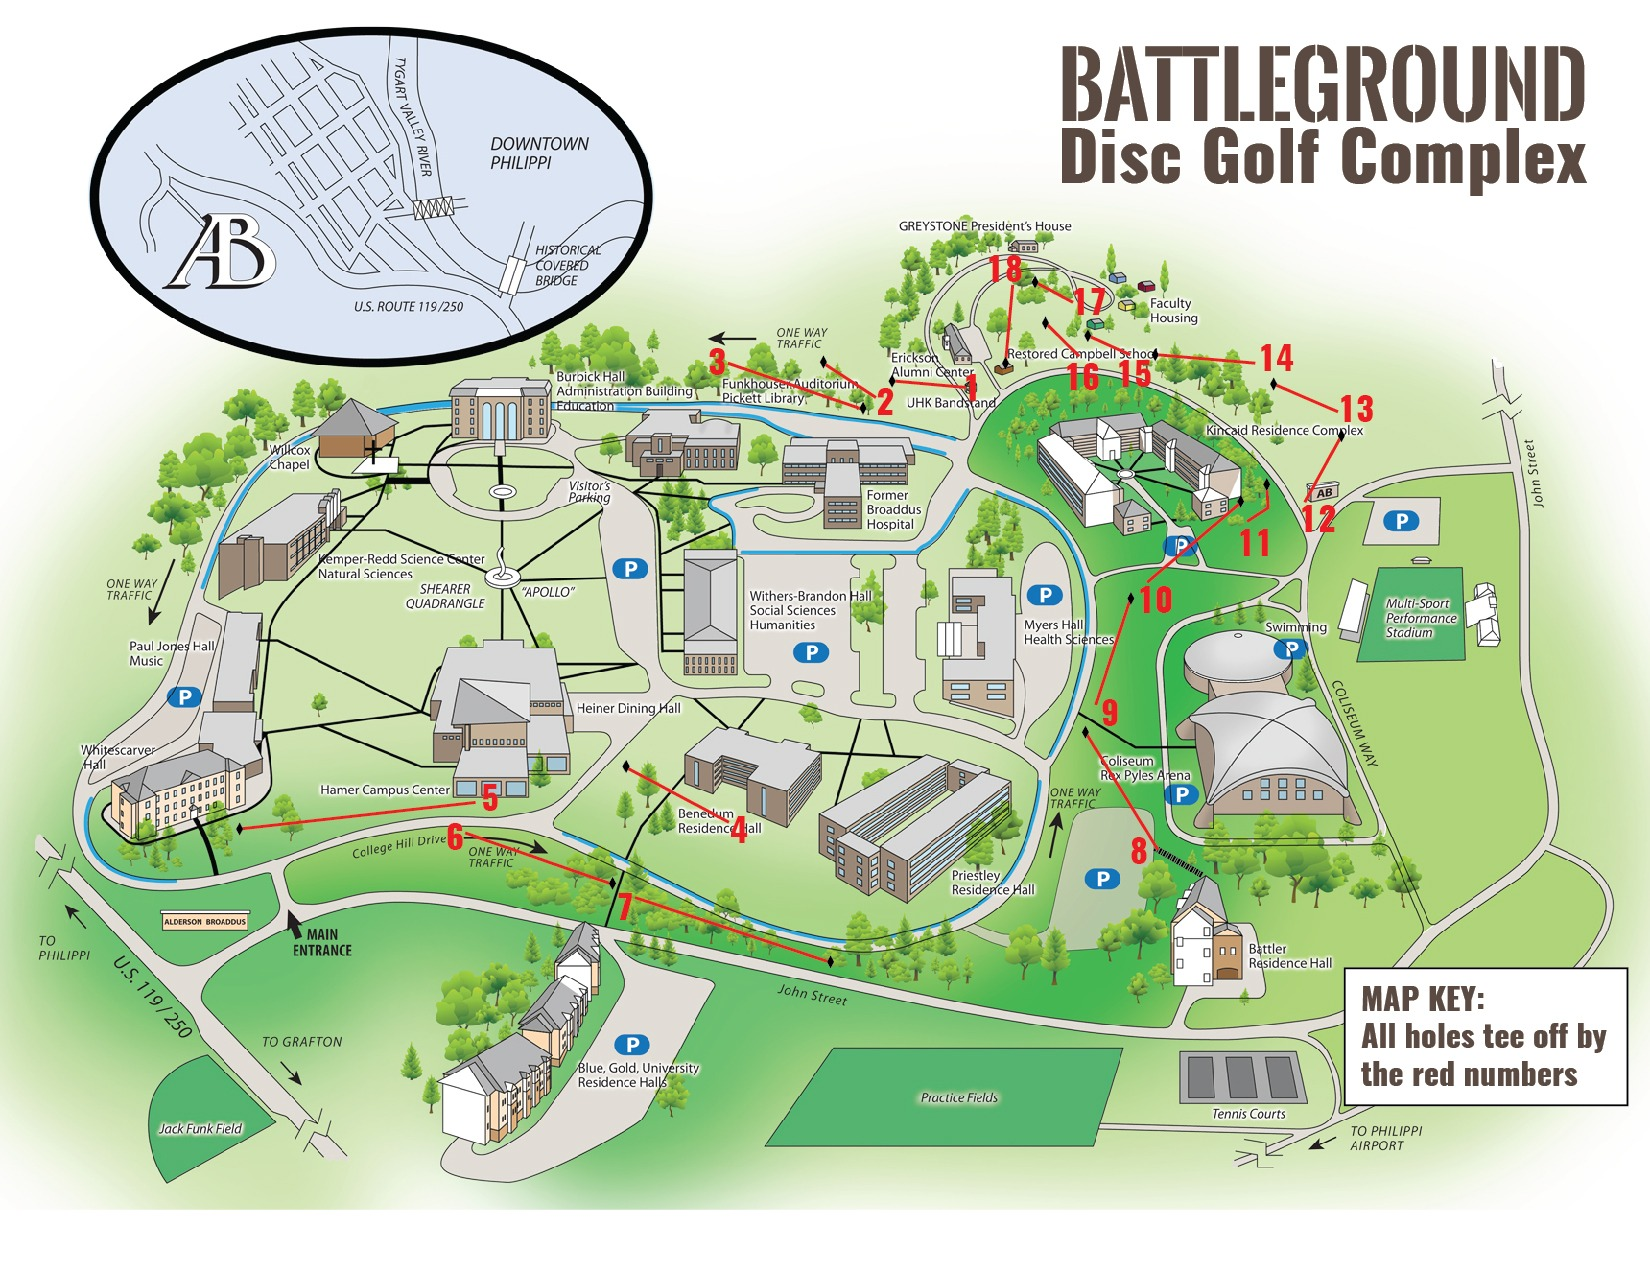 Campus-Map-Disc-Golf-BATTLEGROUND-01